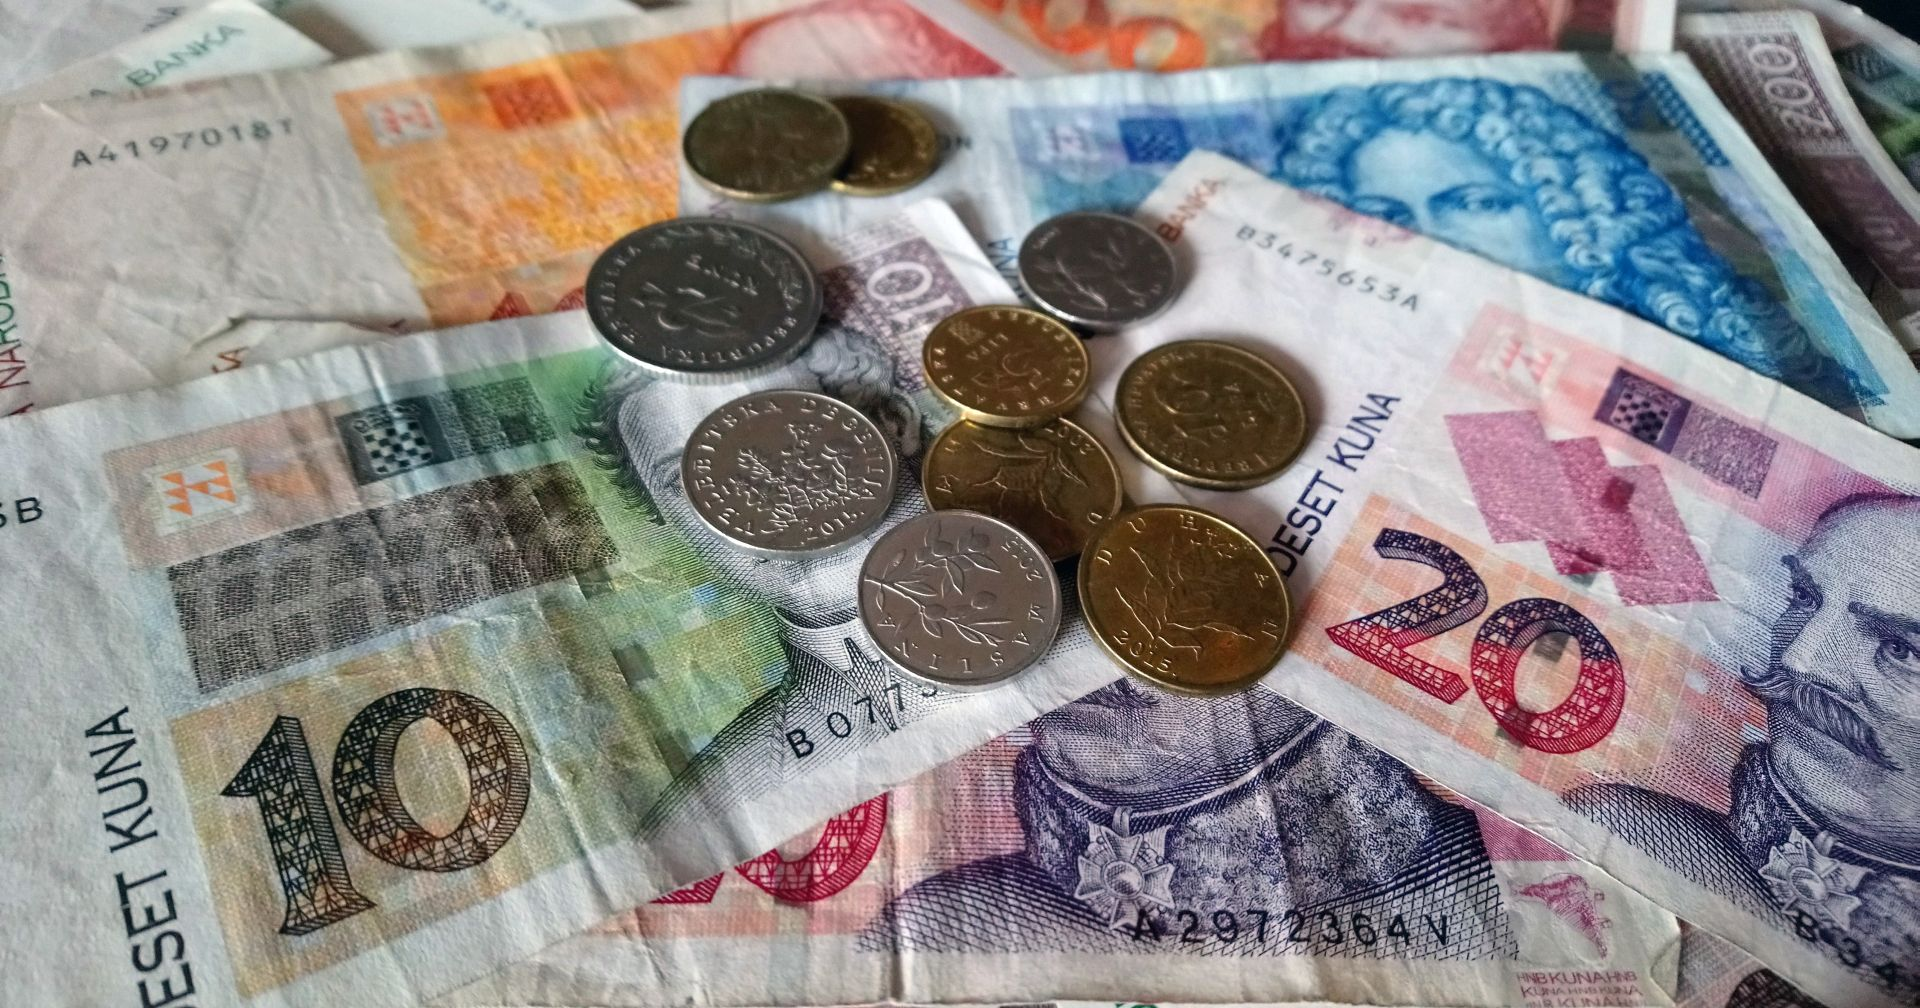 FINA: U Zagrebu 53 tisuće blokiranih, dužni 4,8 milijardi kuna